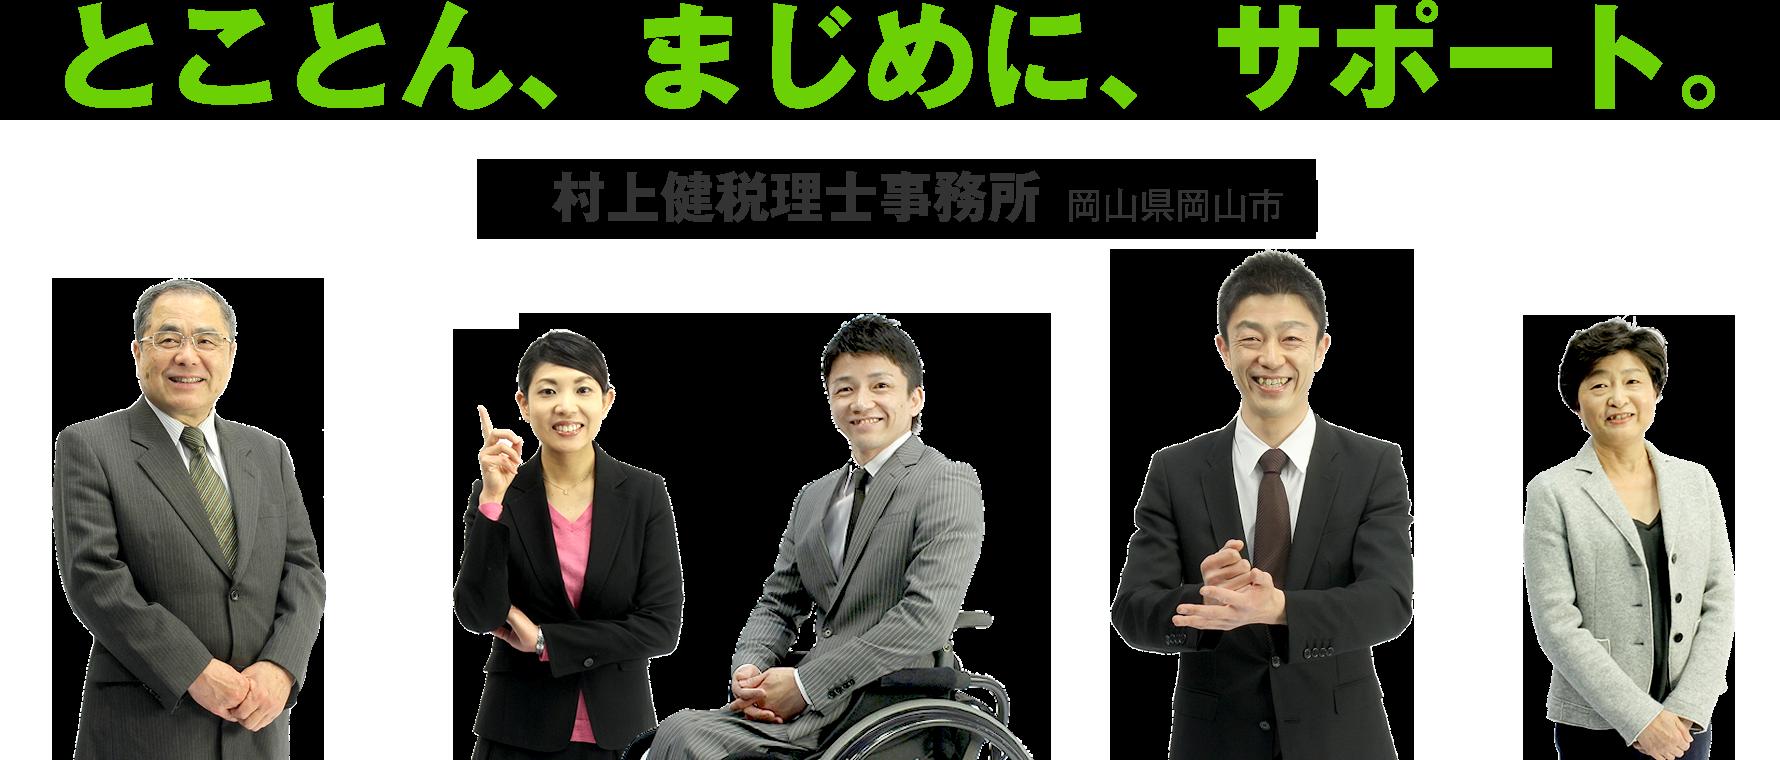 とことん、まじめに、サポート。 村上健税理士事務所 岡山県岡山市